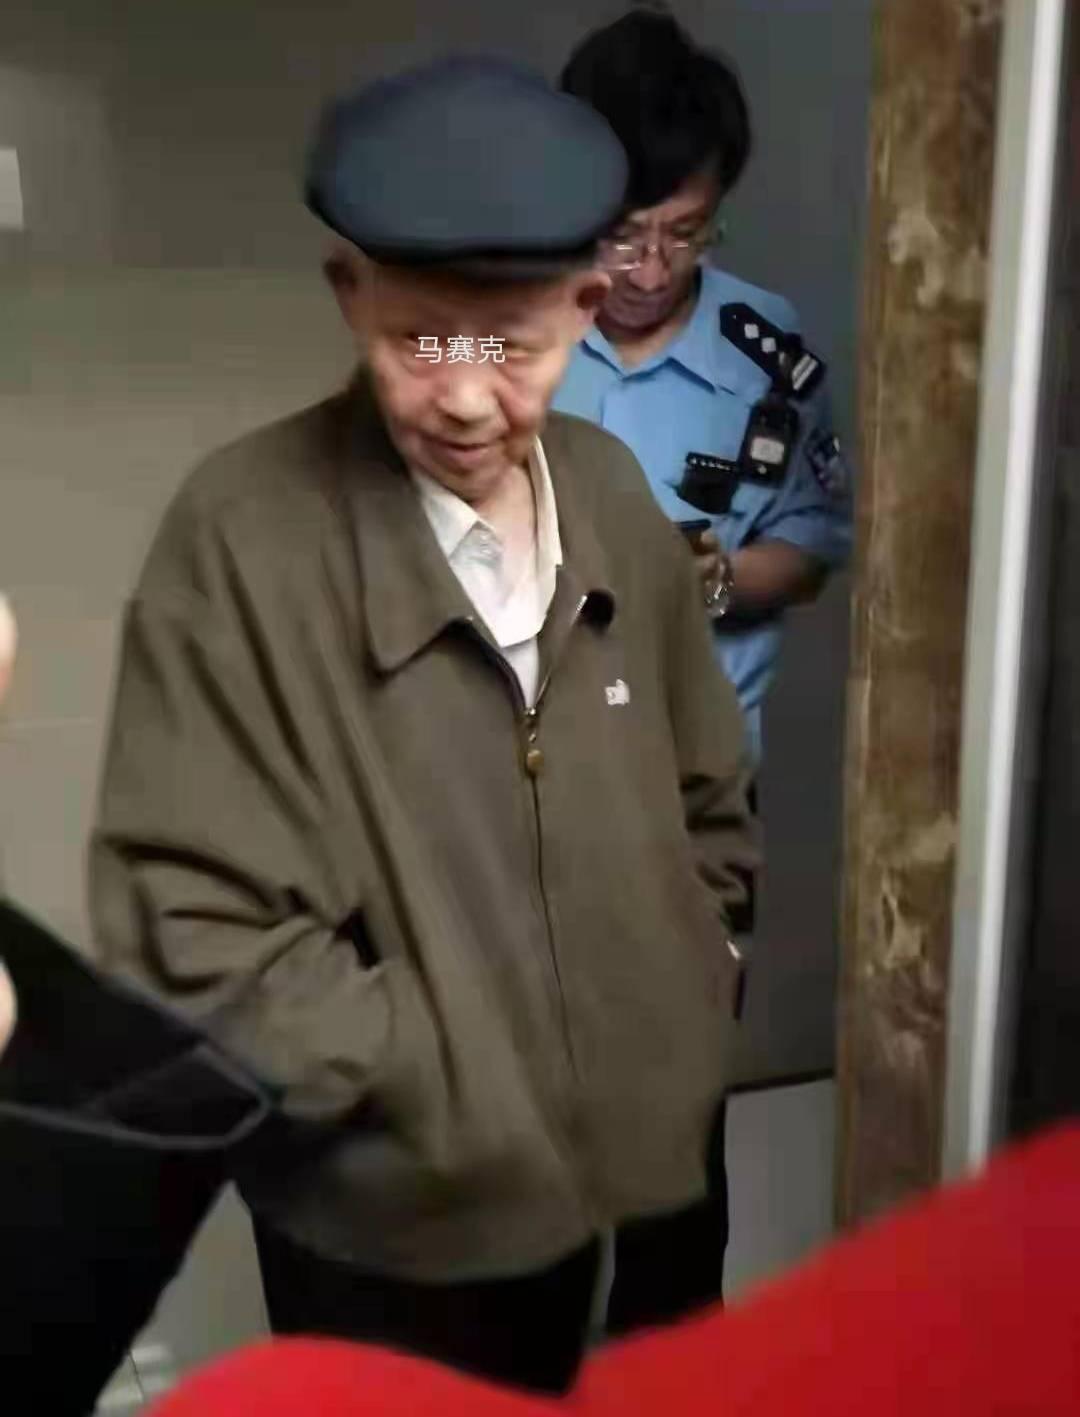 耄耋老人电梯里猥亵女童 女童勇敢挥打反抗 堪称教科书级应对-家庭网